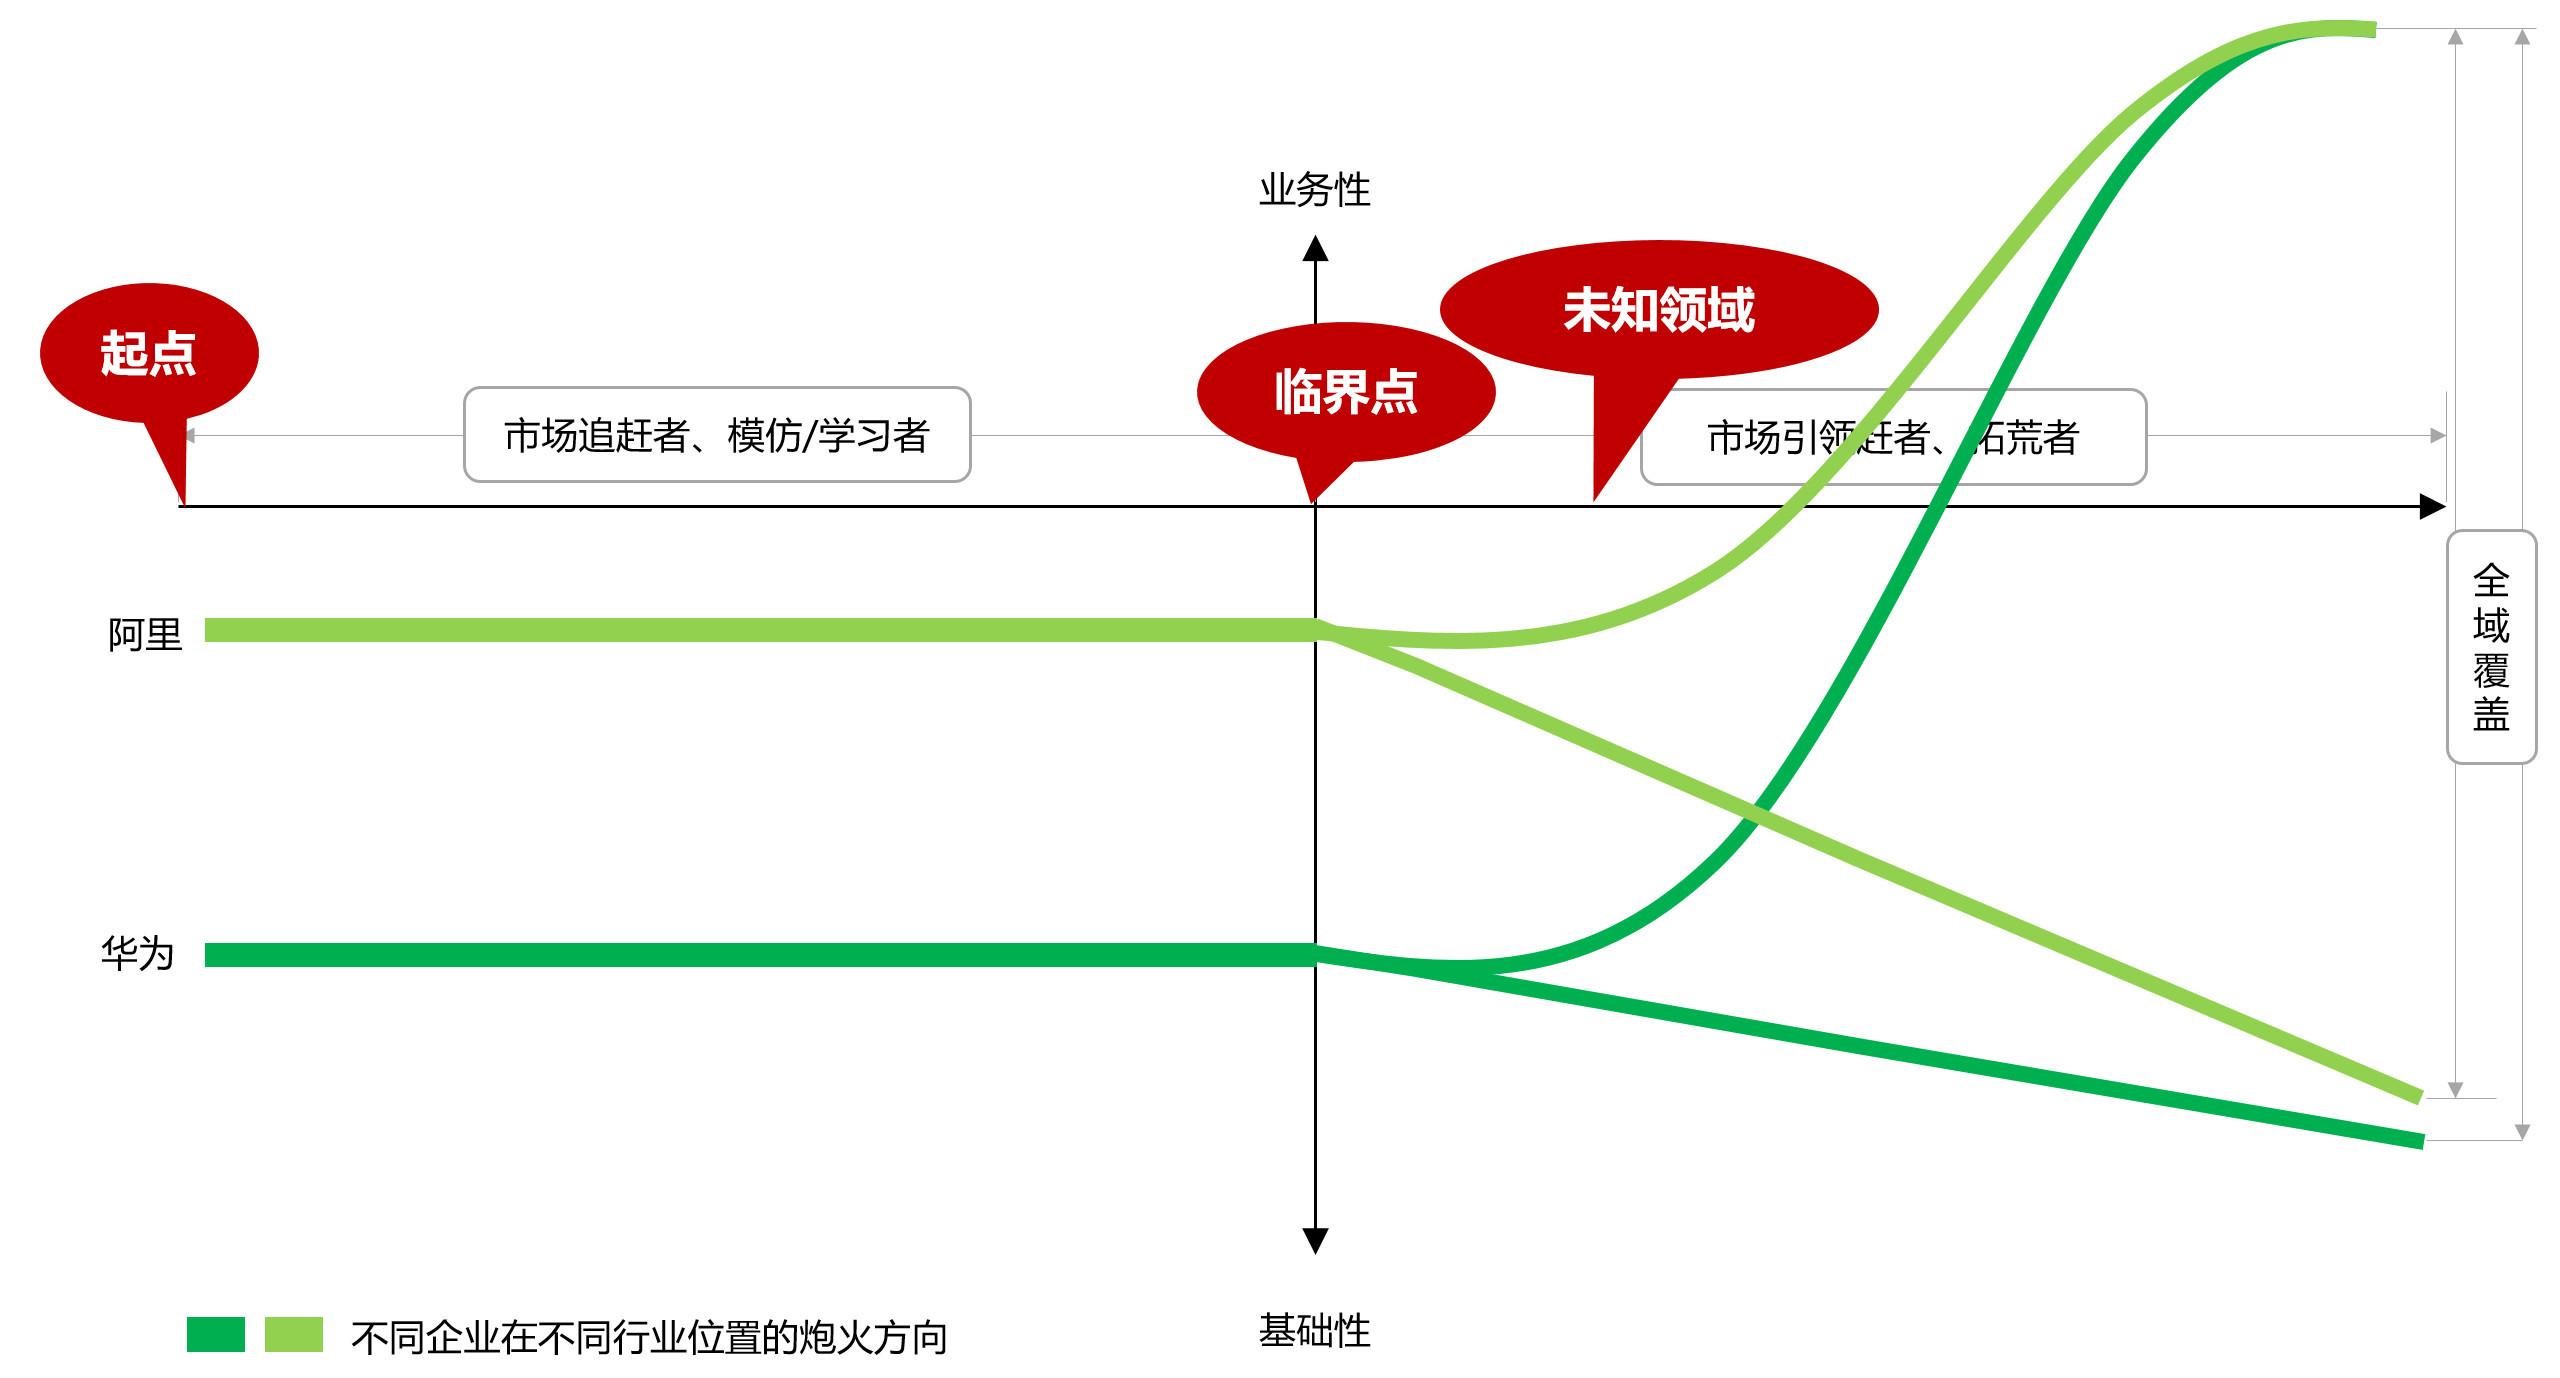 图02:跨越临界点后开始全域覆盖 来源:李有龙《保险业生态战略系列培训课程》